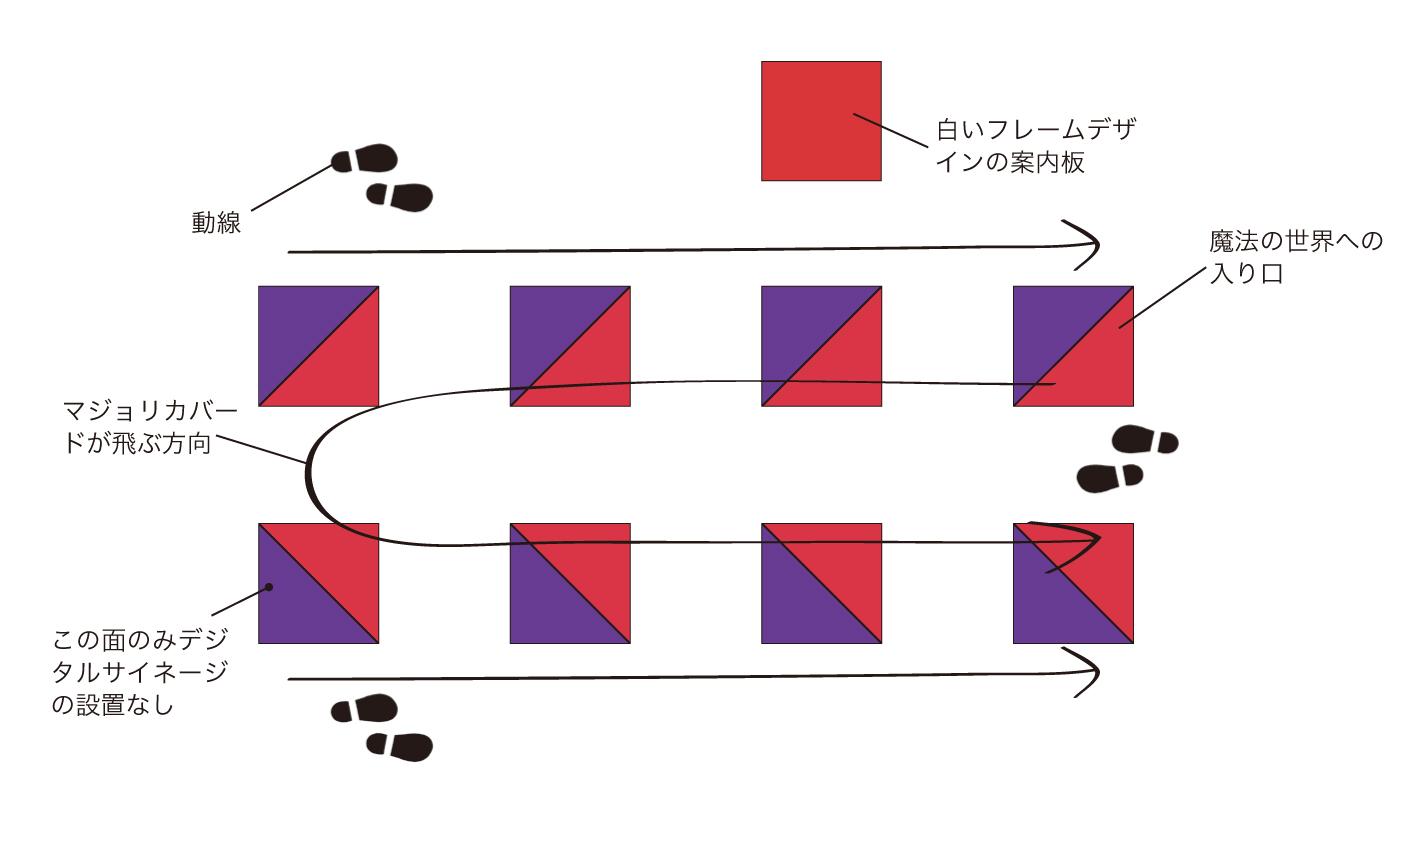 9本の柱の俯瞰図